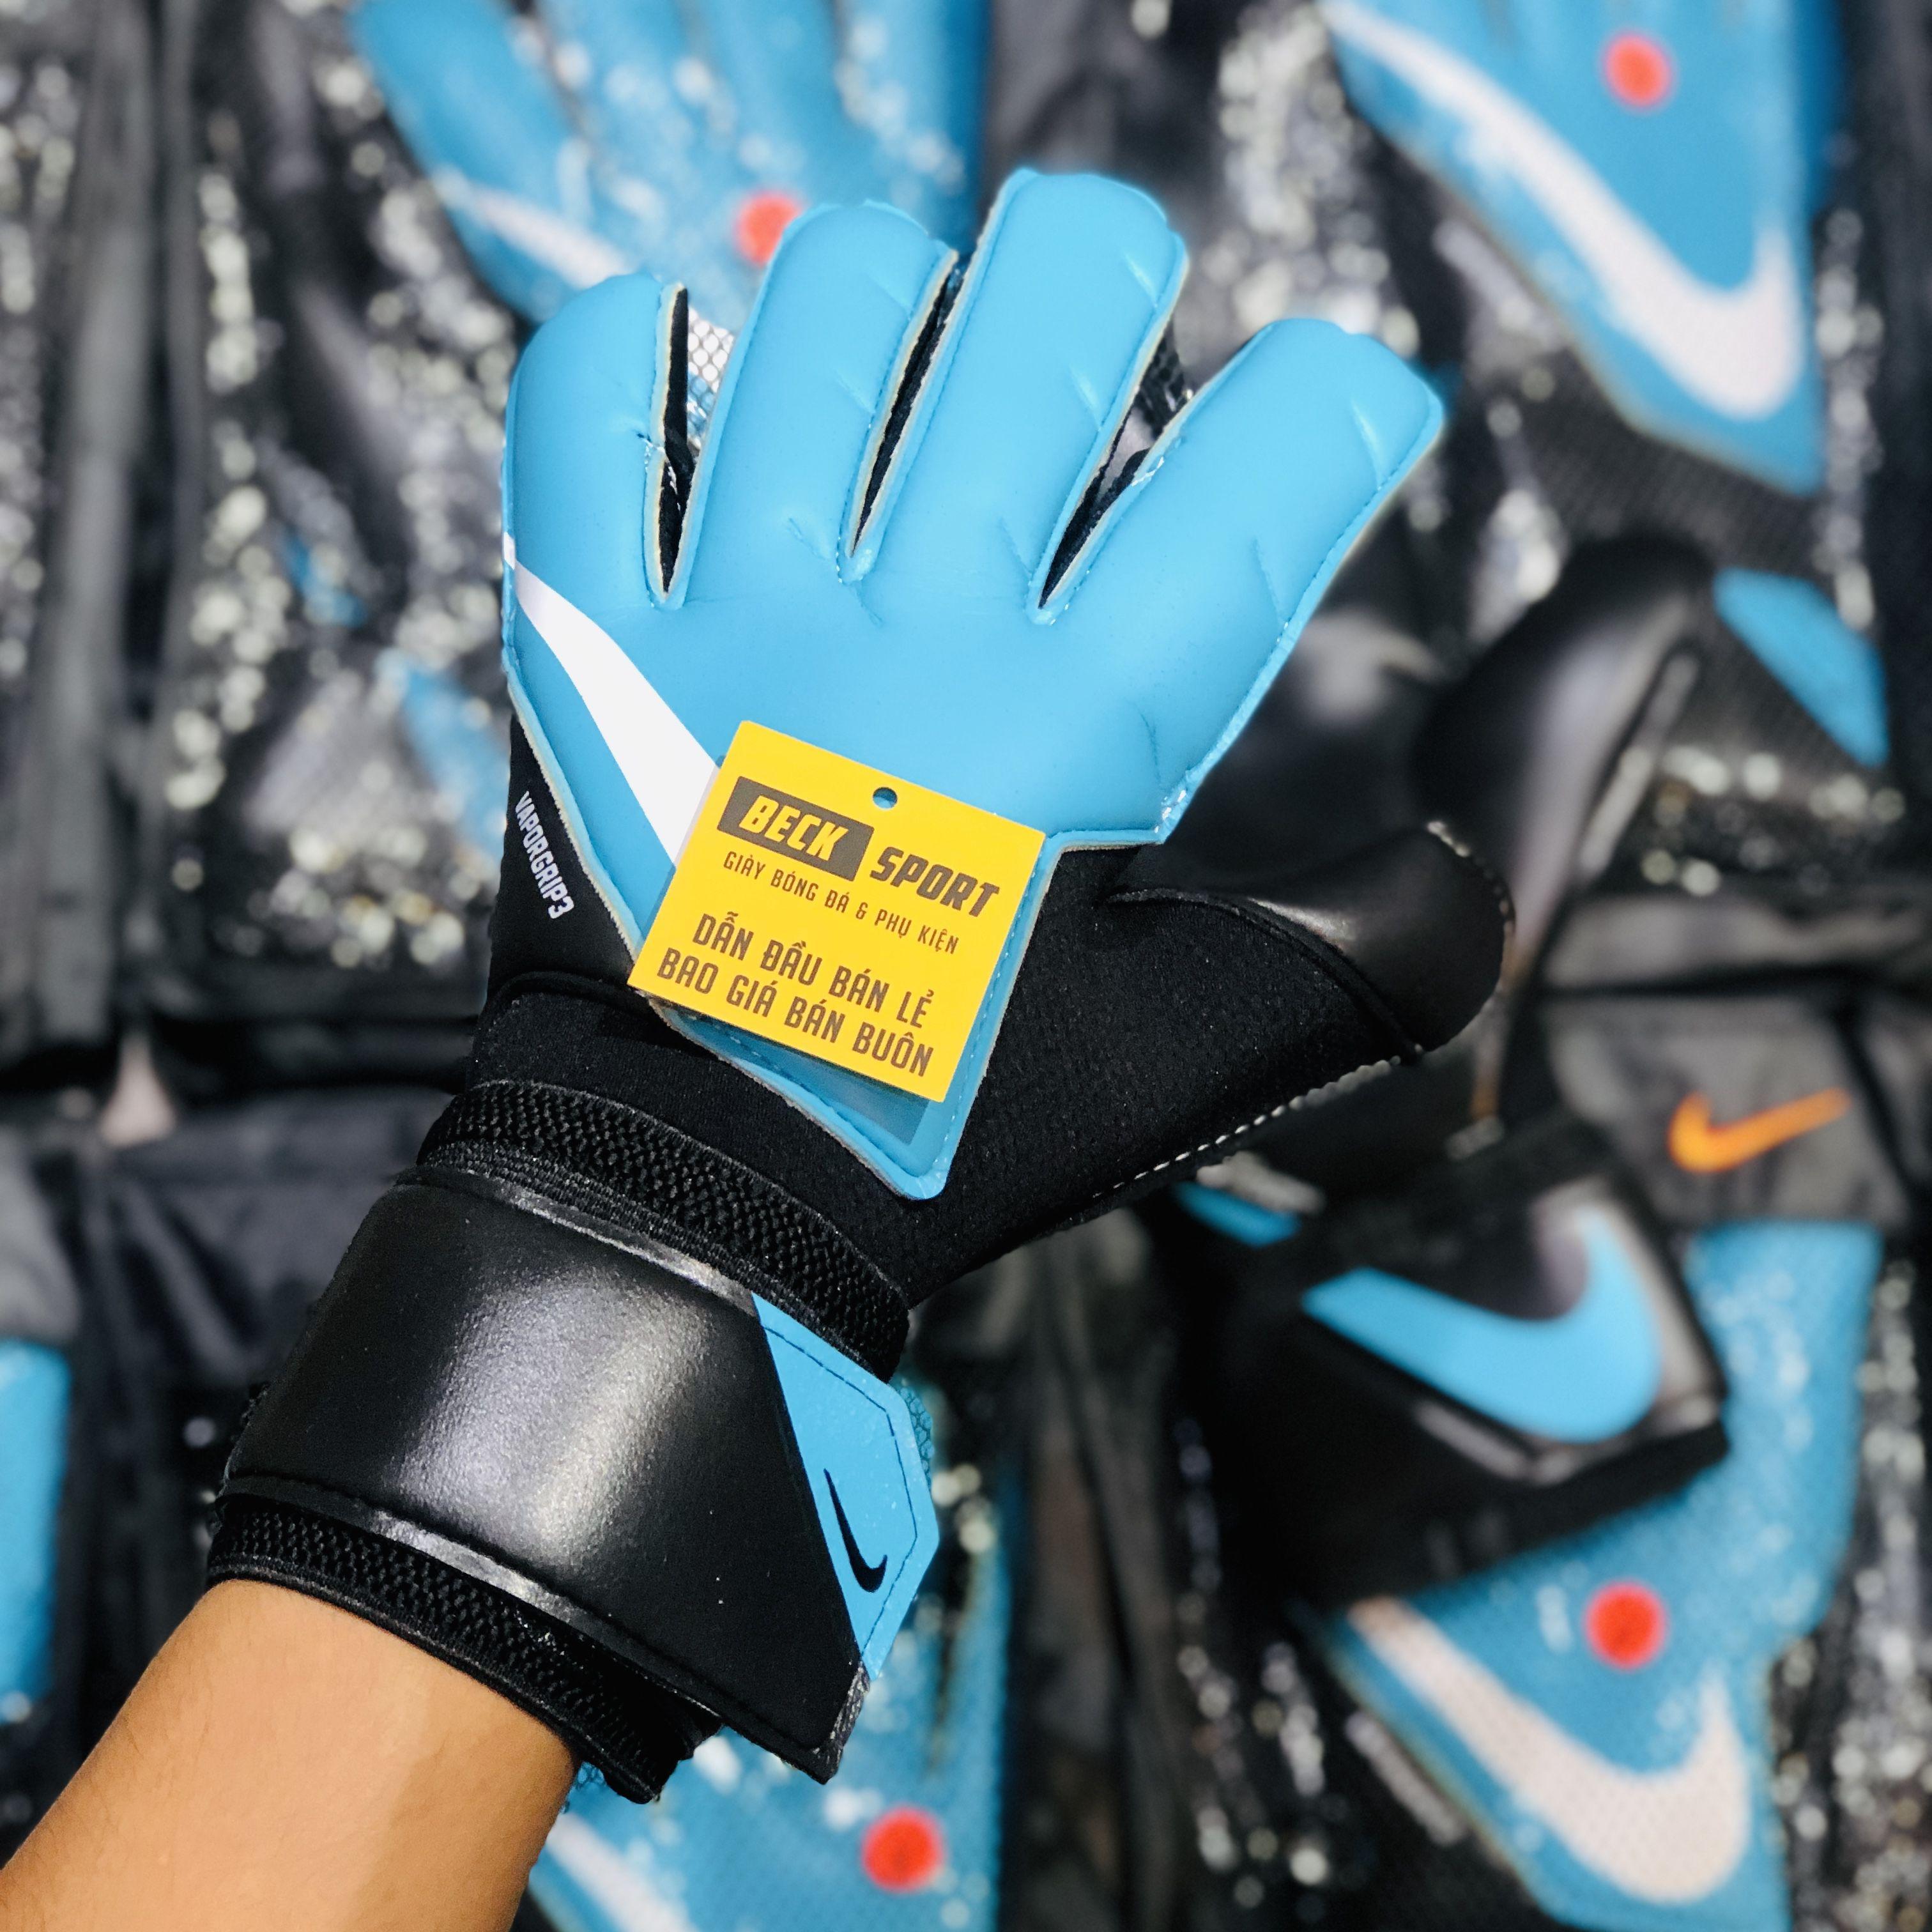 Găng Tay Nike Vapor Grip 3 Xanh Biển Đen Vạch Trắng ( Không Xương )